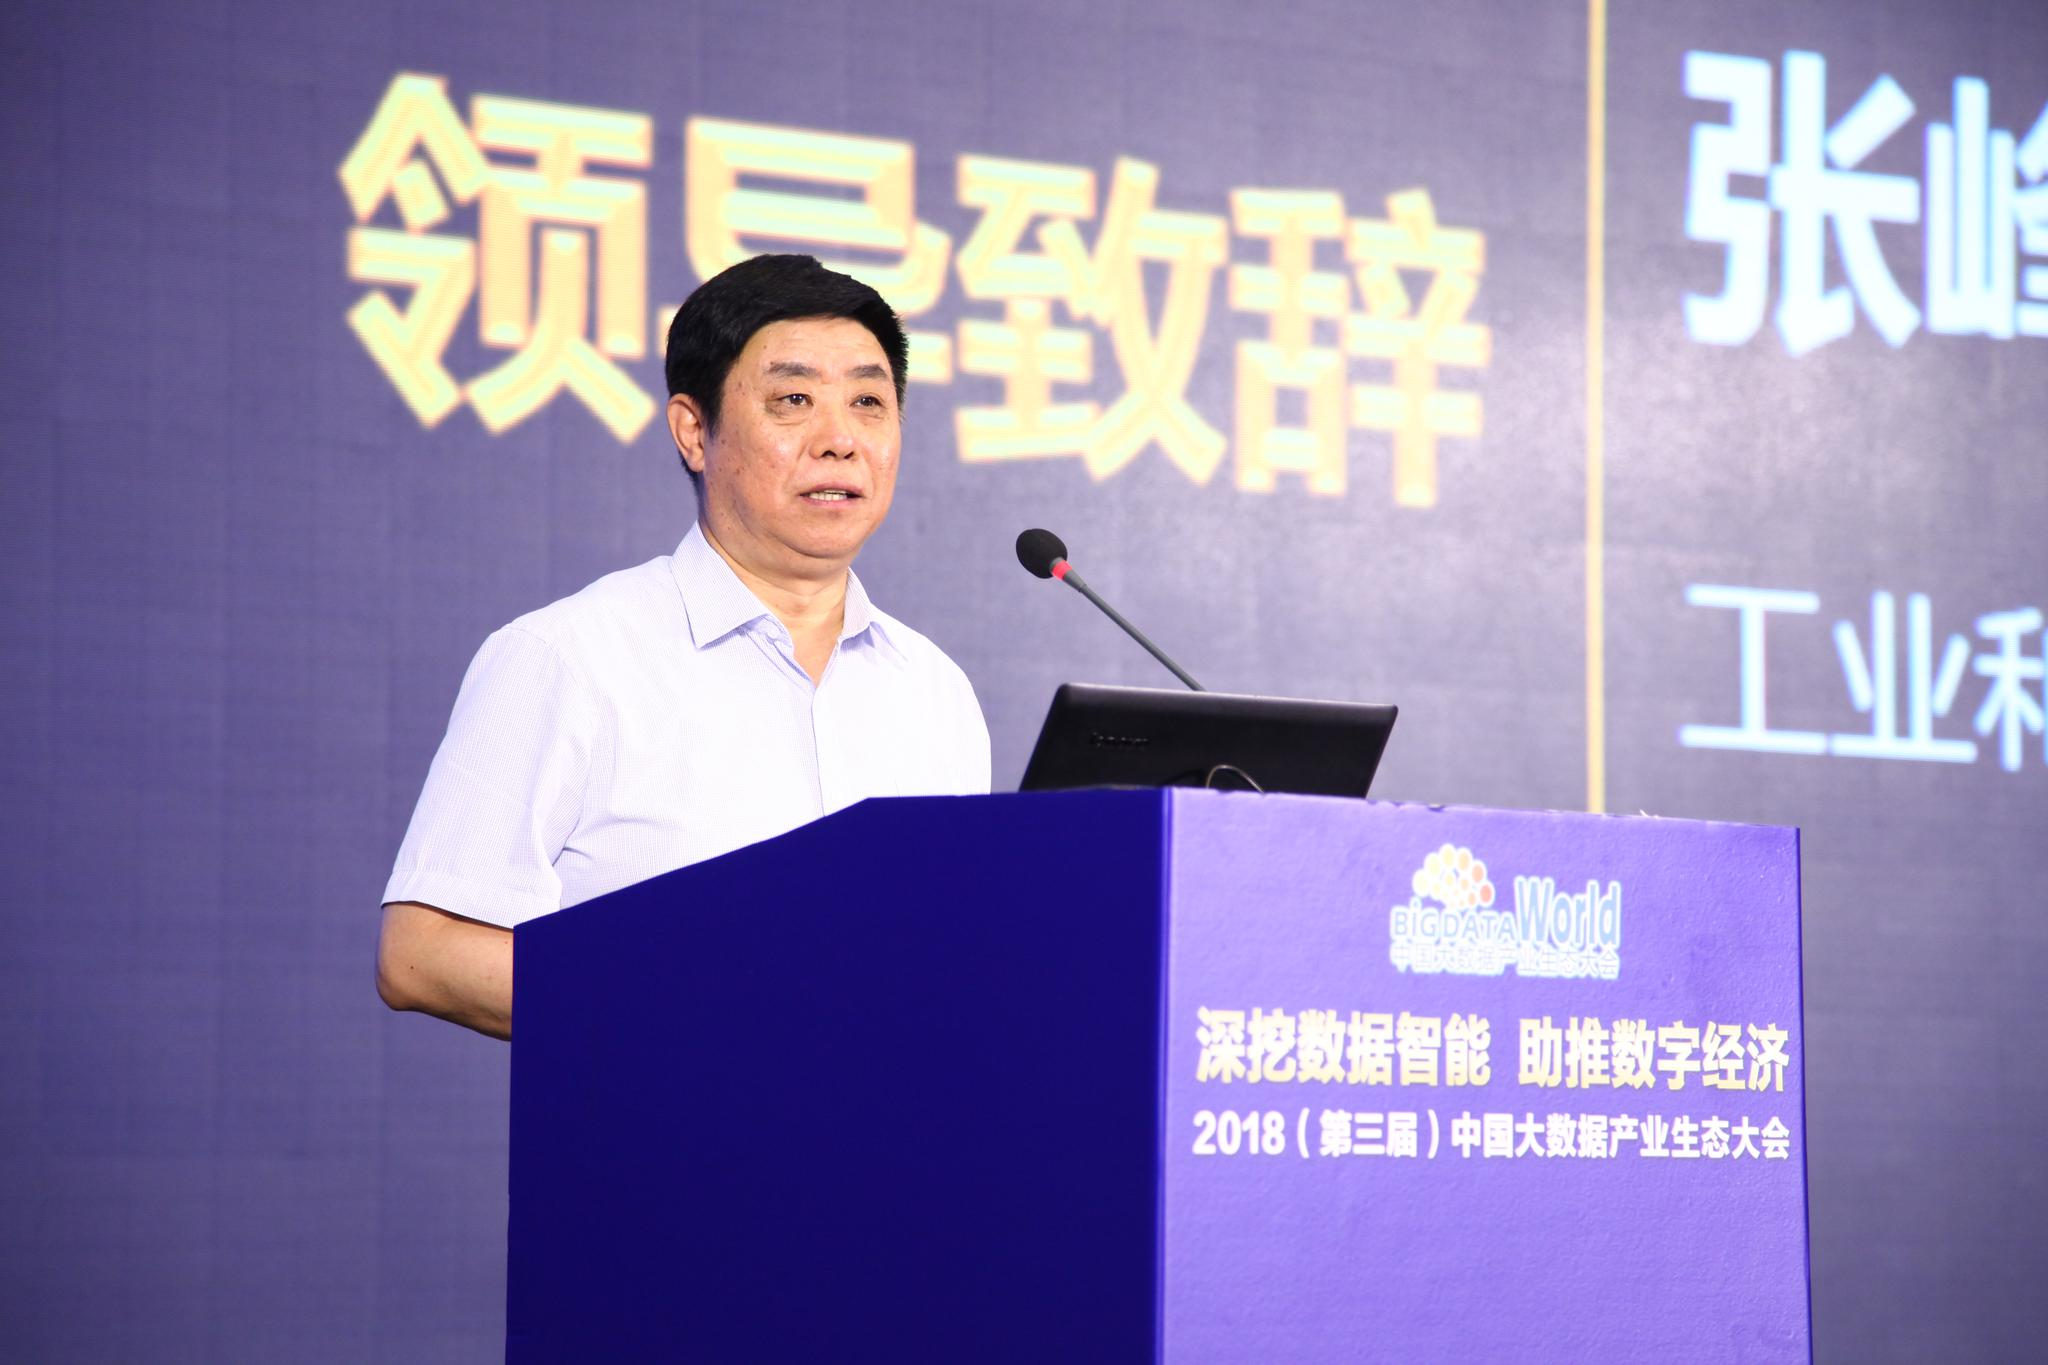 张峰出席2018中国大数据产业生态大会并致辞